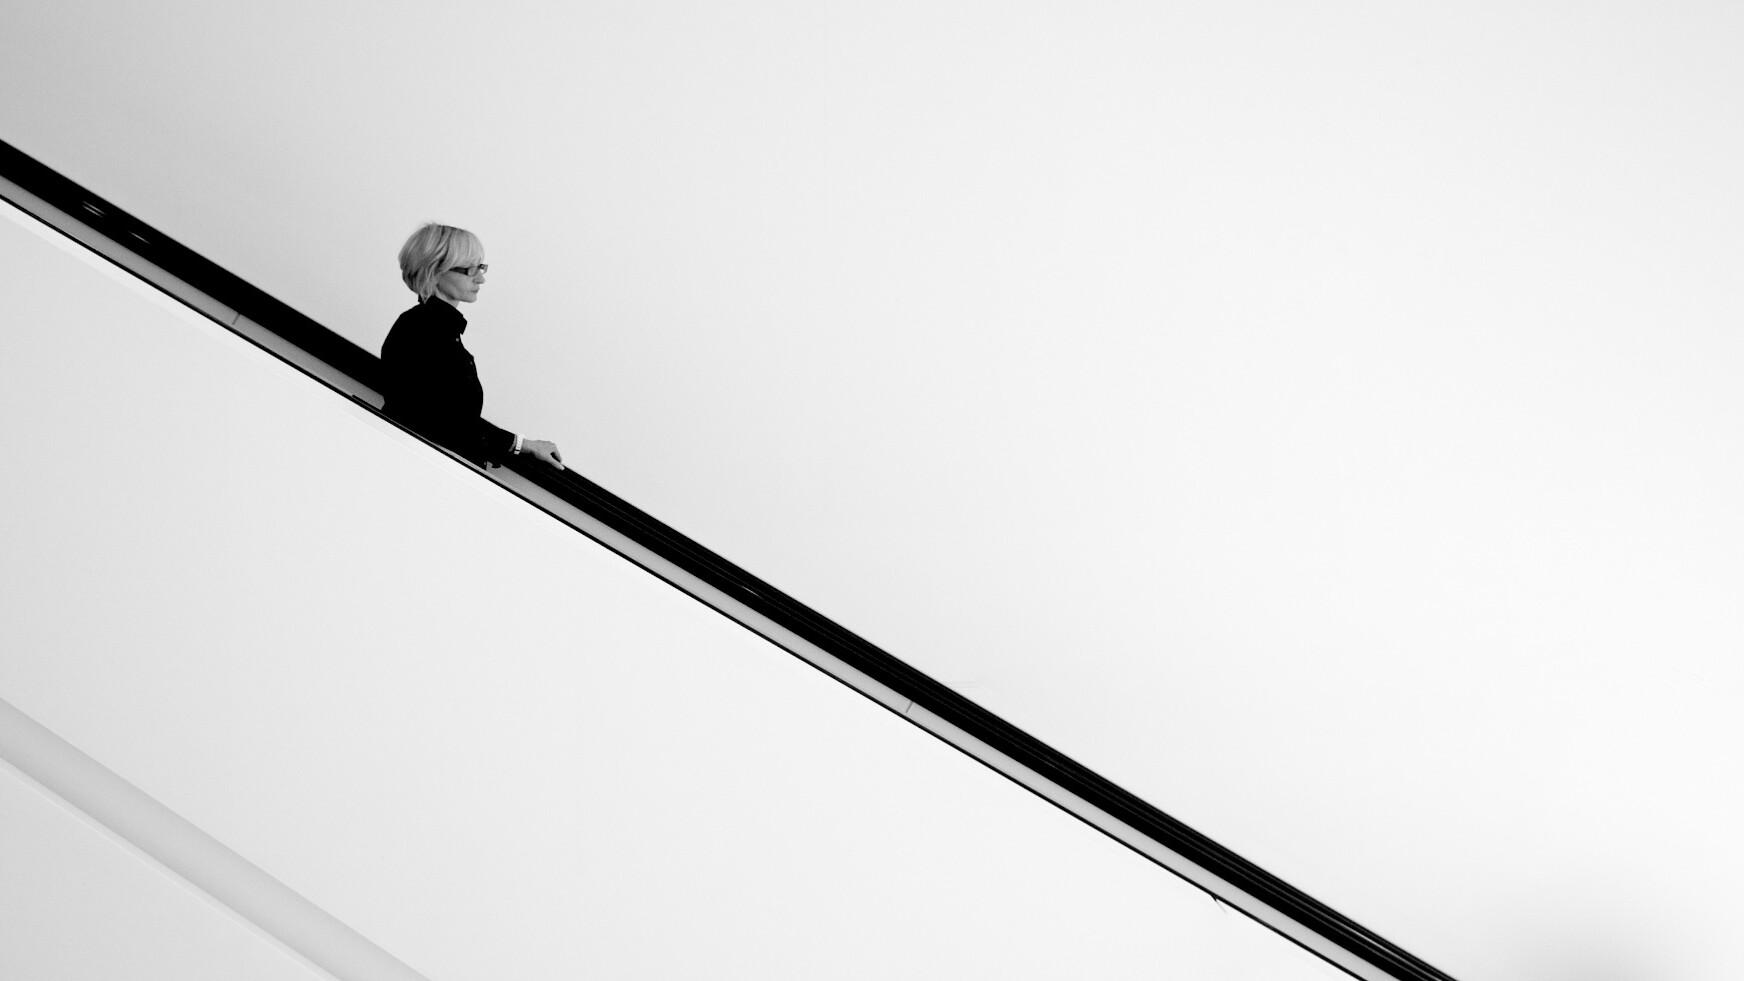 spazio vuoto nella fotografia, donna con occhiali su scale nerel